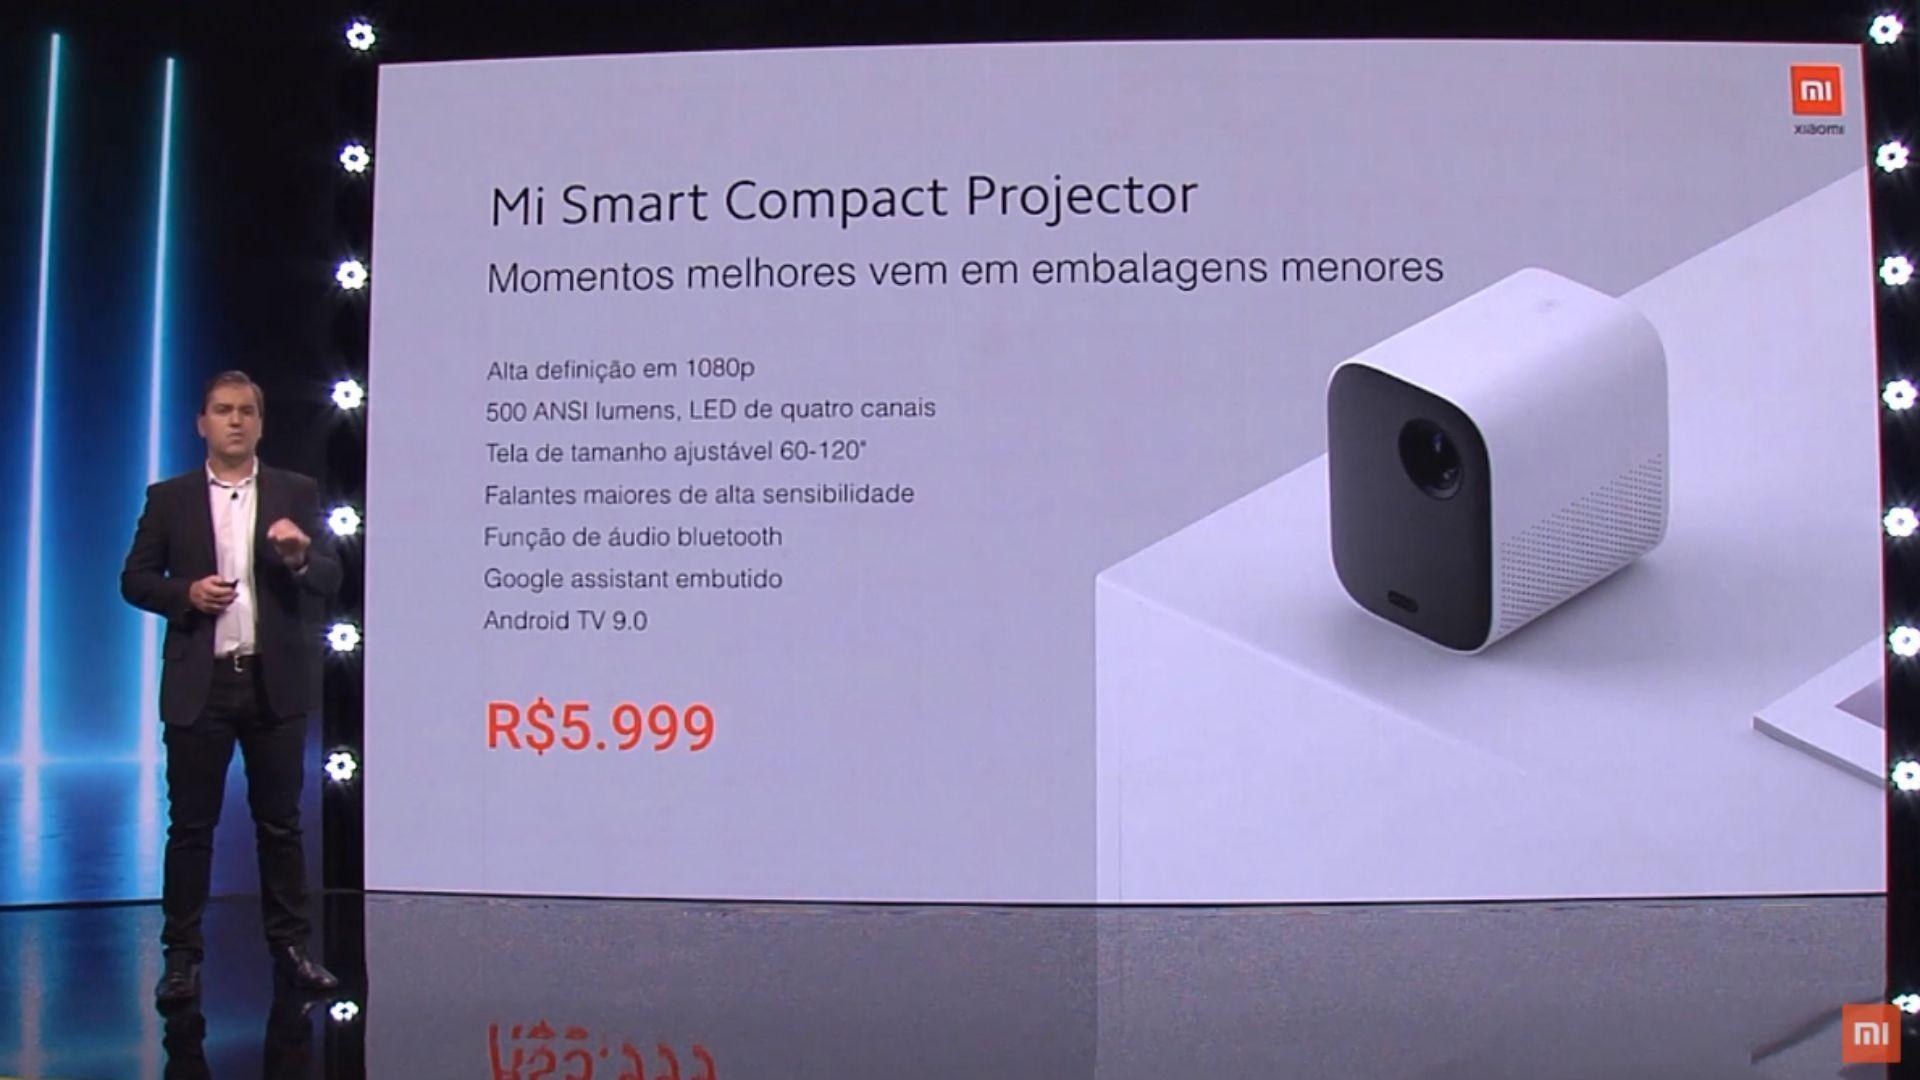 Ficha técnica do projetor Xiaomi Mi Smart Compact. (Imagem: Divulgação/Xiaomi)